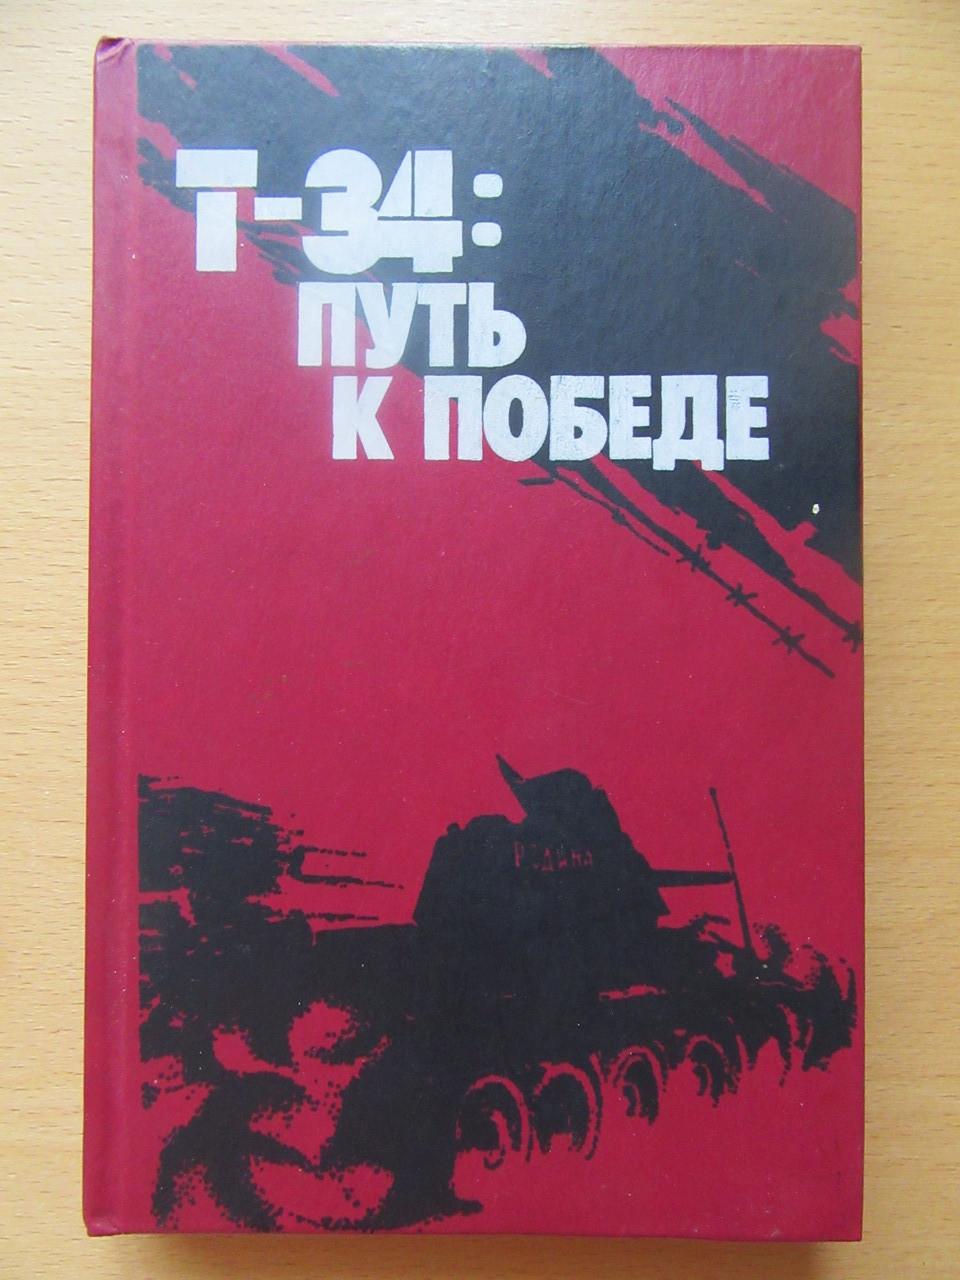 Т-34: Путь к победе. Воспоминания танкостроителей и танкистов. 2-е издание, дополненное